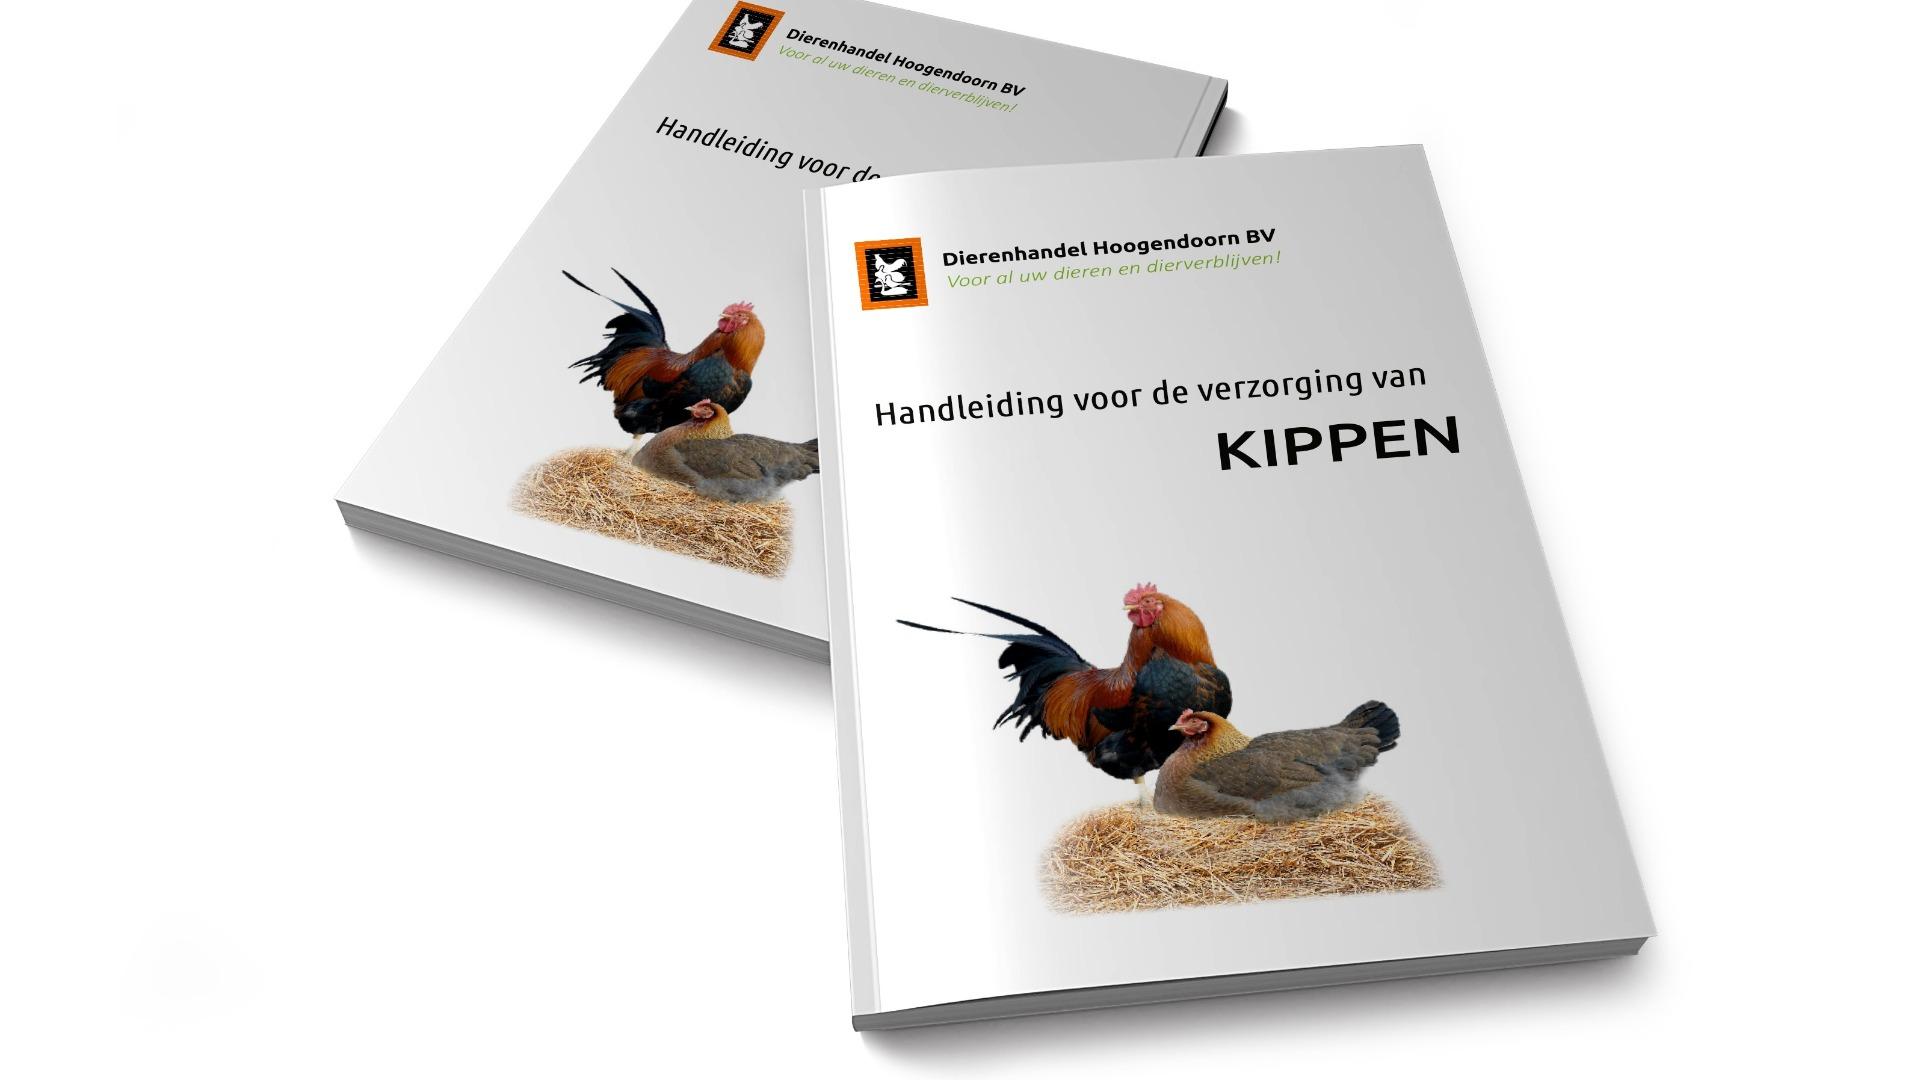 Kippen handleiding